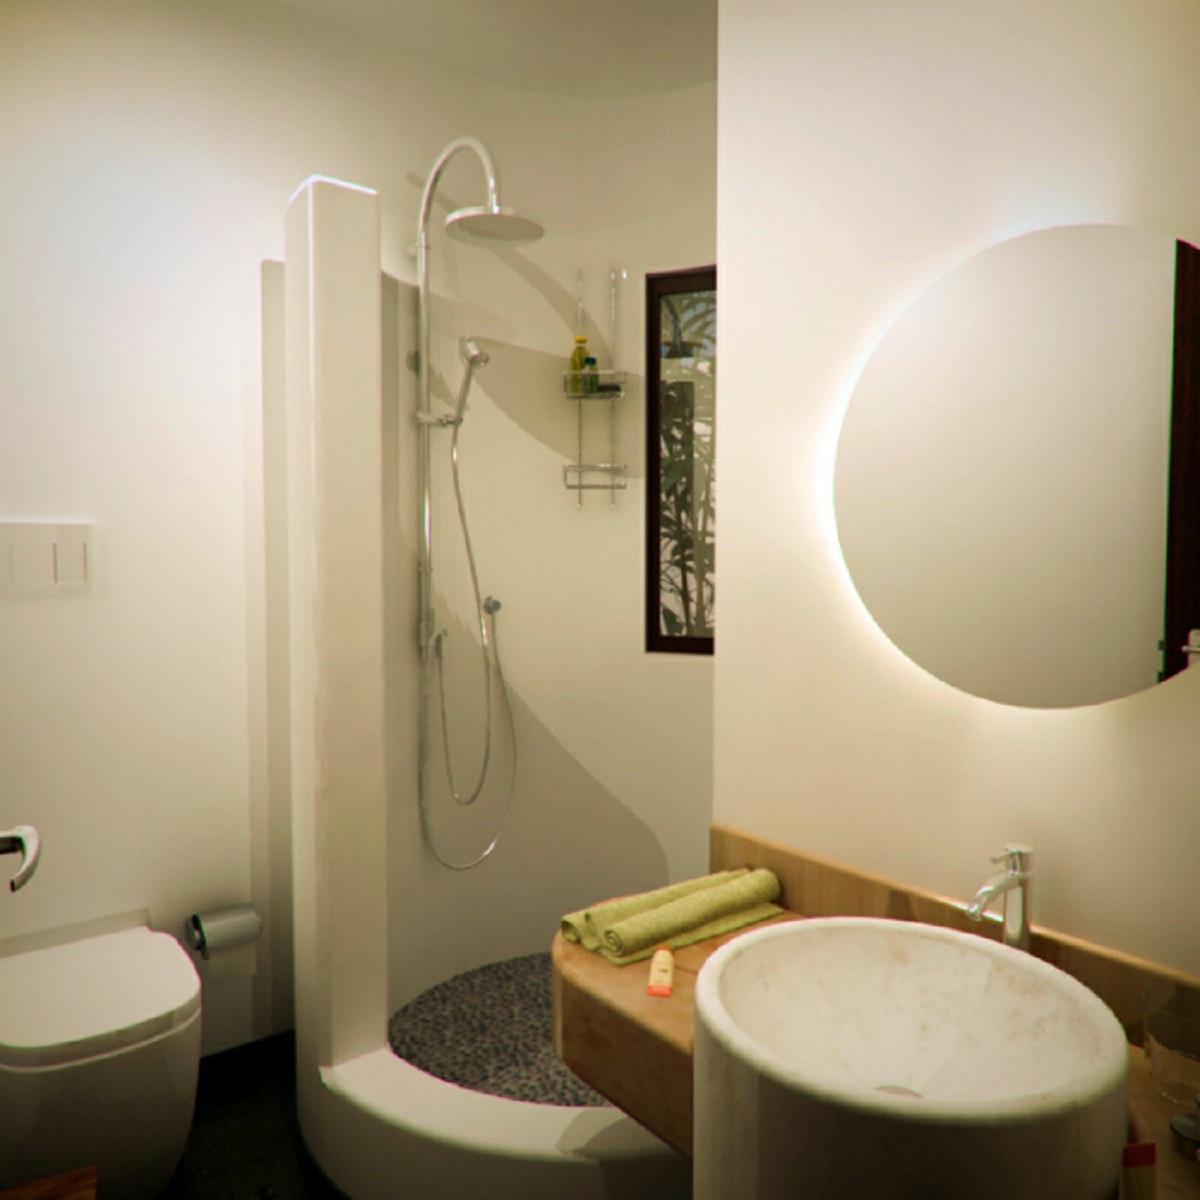 15 блестящих идей для миниатюрной ванной в старых ″советских″ квартирах